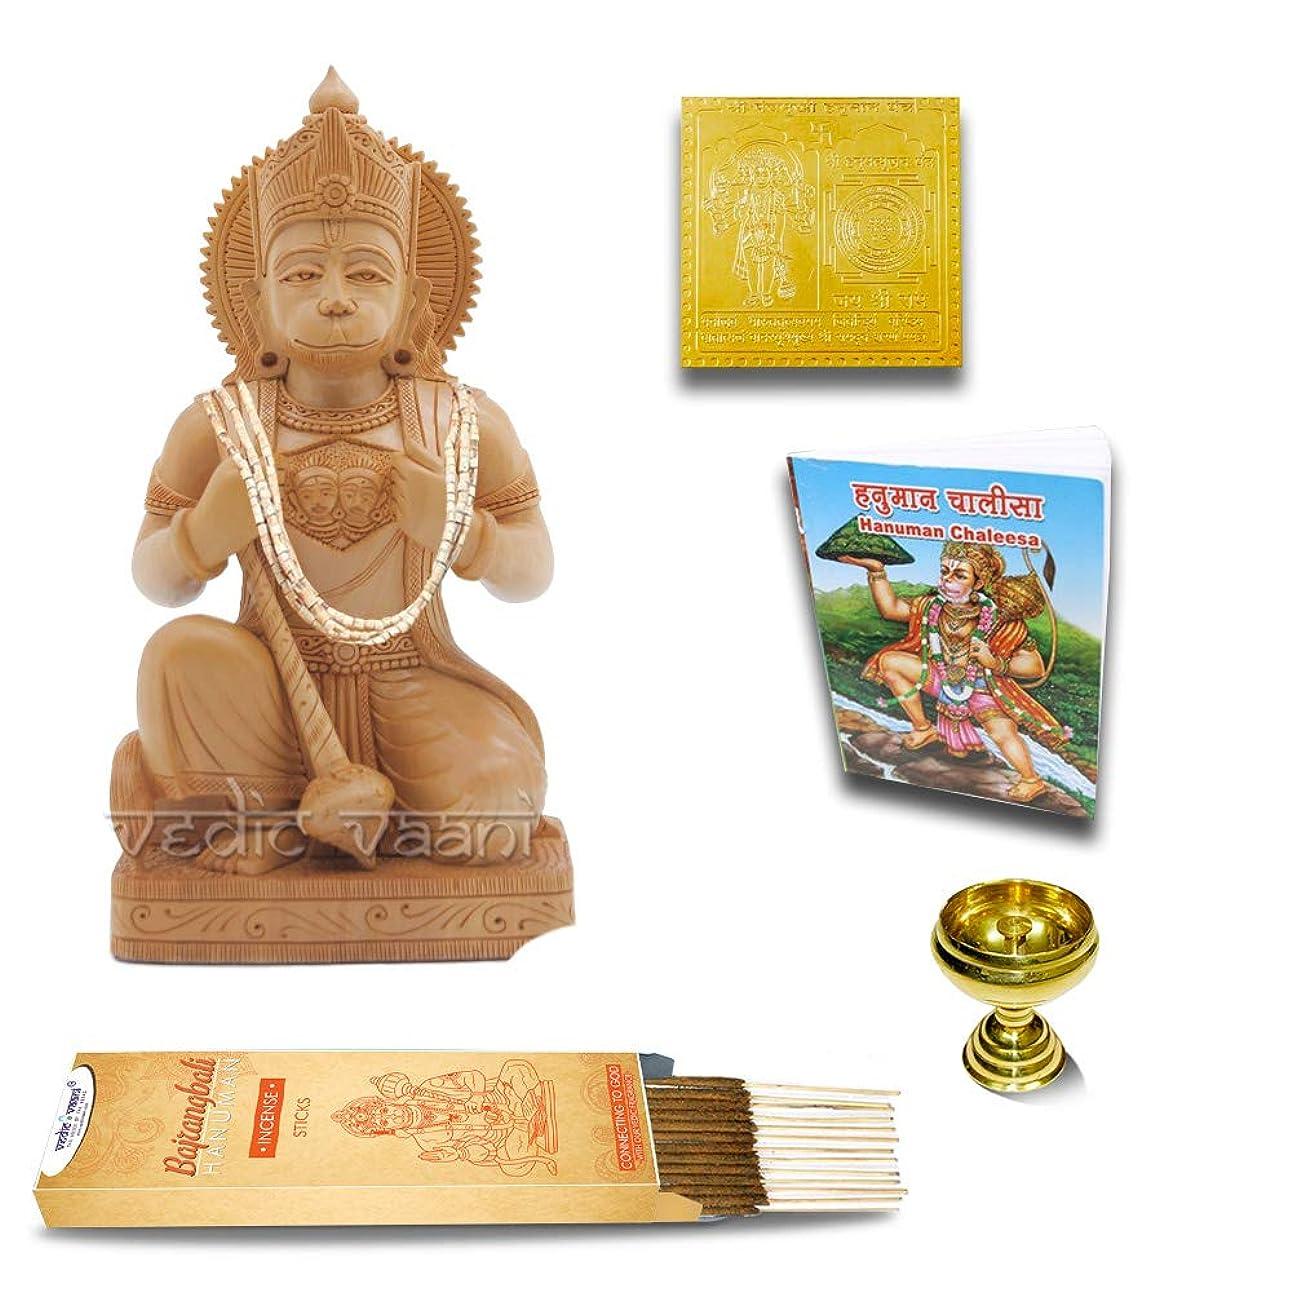 とらえどころのない対立ミントVedic Vaani Ram Bhakat Hanuman 木製像 ヤントラ チャリサ ディヤ お香スティック付き 100gm